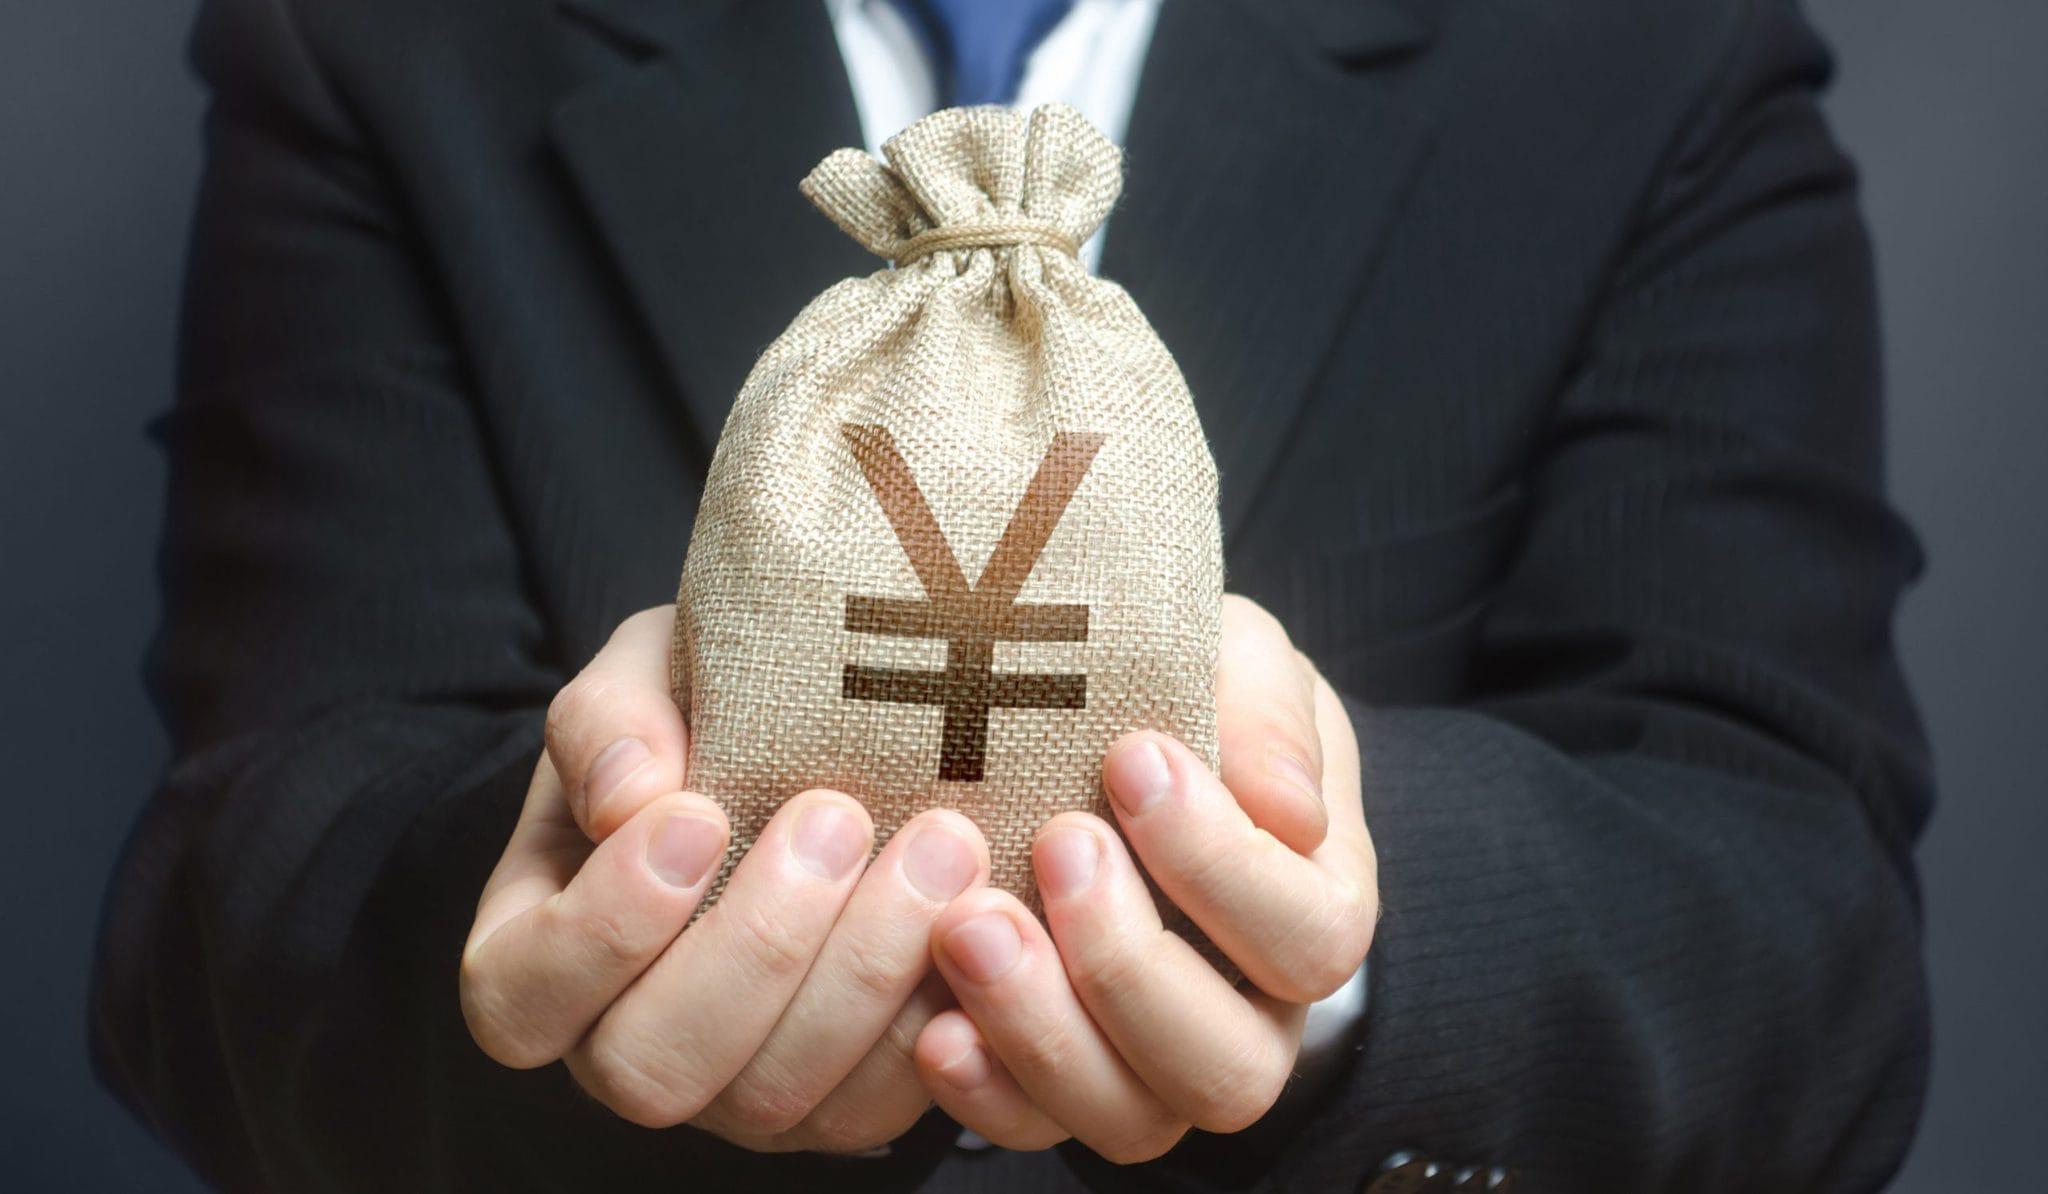 Giao dịch như một nhà quản lý quỹ